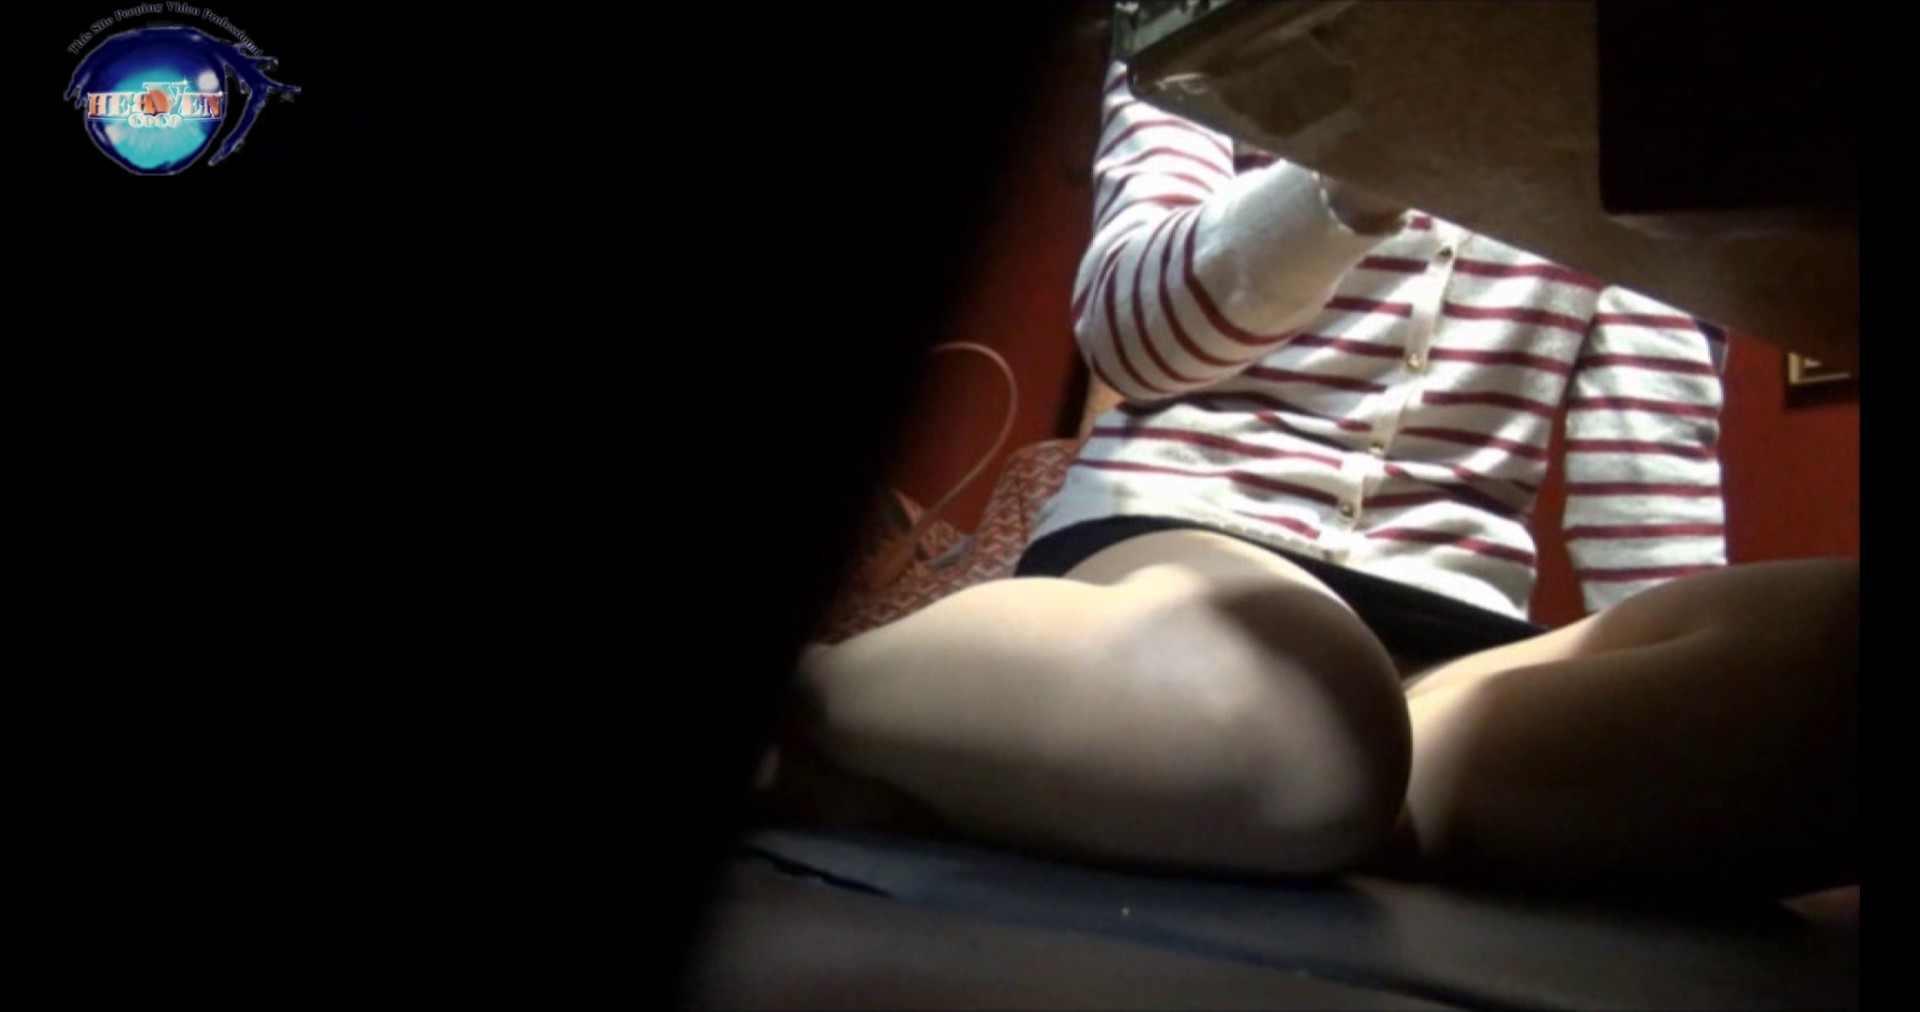 睡魔 シュウライ 第四八話 前編 イタズラ | OLセックス  59画像 15